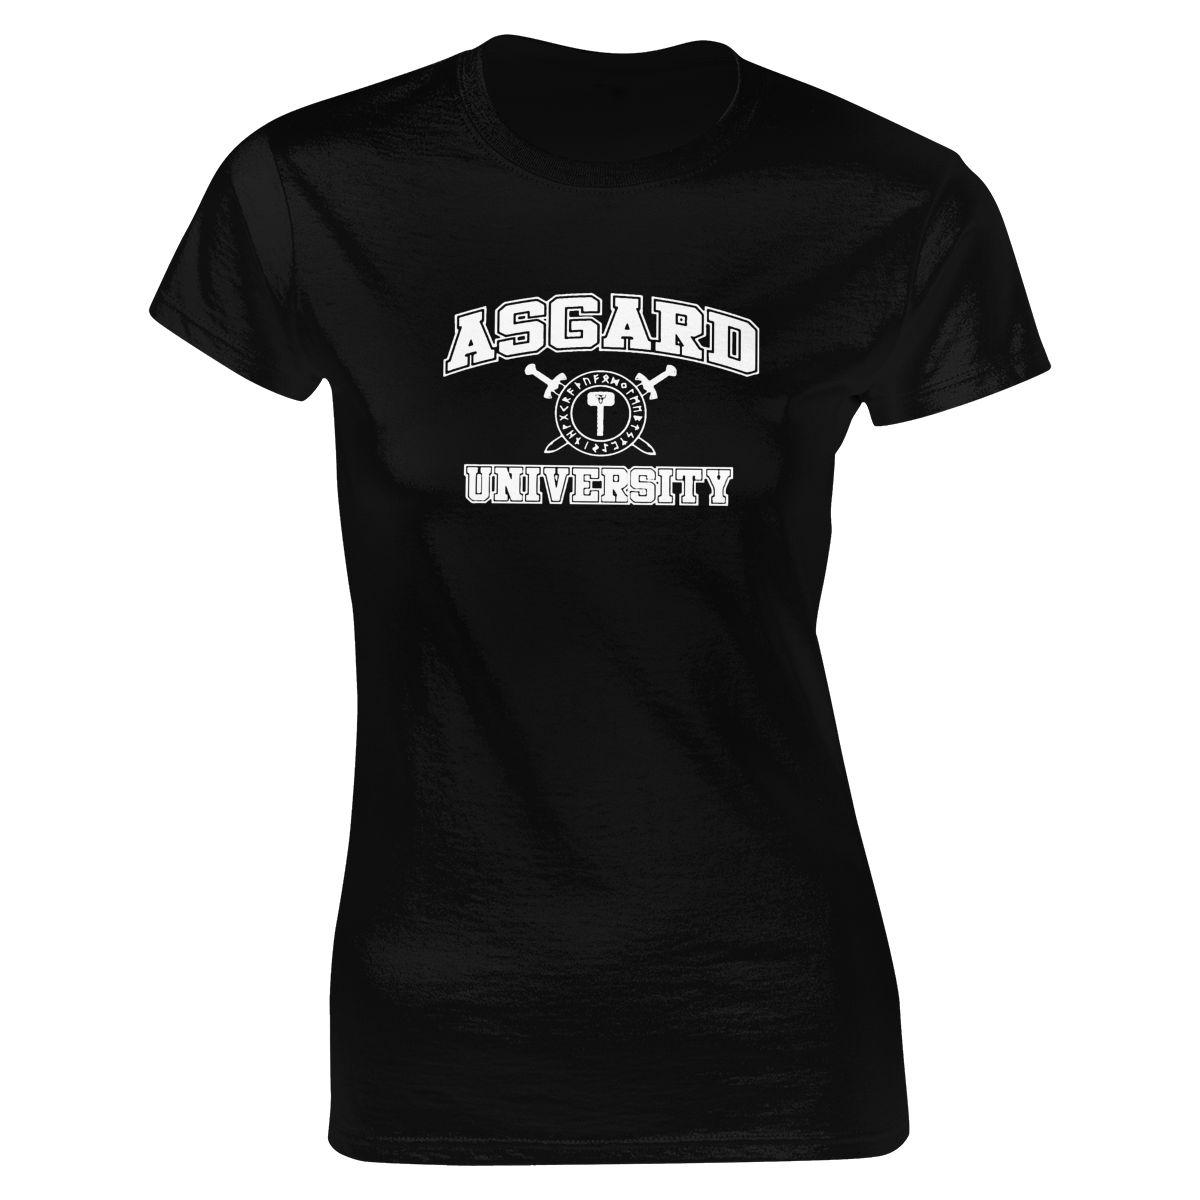 Asgard university t-shirt imprimir casual algodão o pescoço curto verão regular idades 16-28 anos de idade cn (origem) worsted